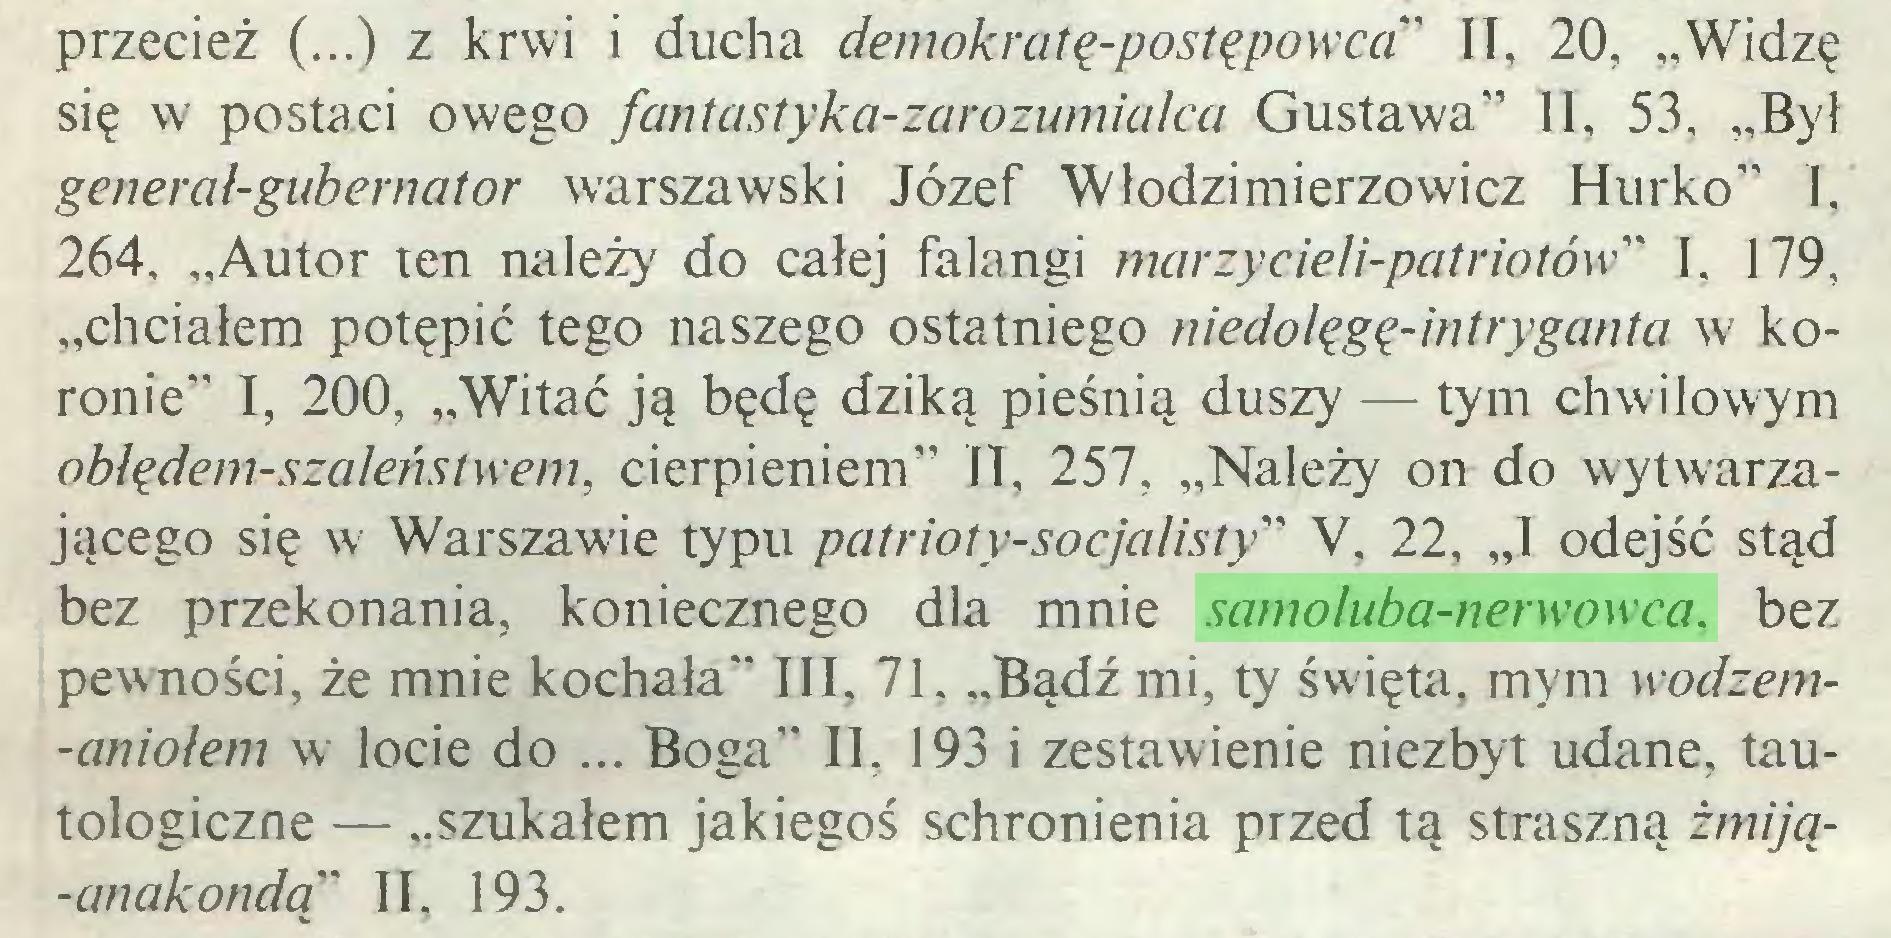 """(...) przecież (...) z krwi i ducha demokratę-postępowca"""" II, 20, """"Widzę się w postaci owego fantastyka-zarozumialca Gustawa"""" II, 53, """"Był general-gubernator warszawski Józef """"Włodzimierzowicz Hurko"""" I, 264, """"Autor ten należy do całej falangi marzycieli-patriotów"""" I, 179, """"chciałem potępić tego naszego ostatniego niedolęgę-intryganta w koronie"""" I, 200, """"Witać ją będę dziką pieśnią duszy — tym chwilowym oblędem-szaleństwem, cierpieniem"""" II, 257, """"Należy on do wytwarzającego się w Warszawie typu patrioty-socjalisty''> V, 22, """"I odejść stąd bez przekonania, koniecznego dla mnie samoluba-nerwowca, bez pewności, że mnie kochała"""" III, 71. ..Bądź mi, ty święta, mym wodzem-aniolem w locie do ... Boga"""" II, 193 i zestawienie niezbyt udane, tautologiczne — """"szukałem jakiegoś schronienia przed tą straszną żmiją-anakondą"""" II, 193..."""